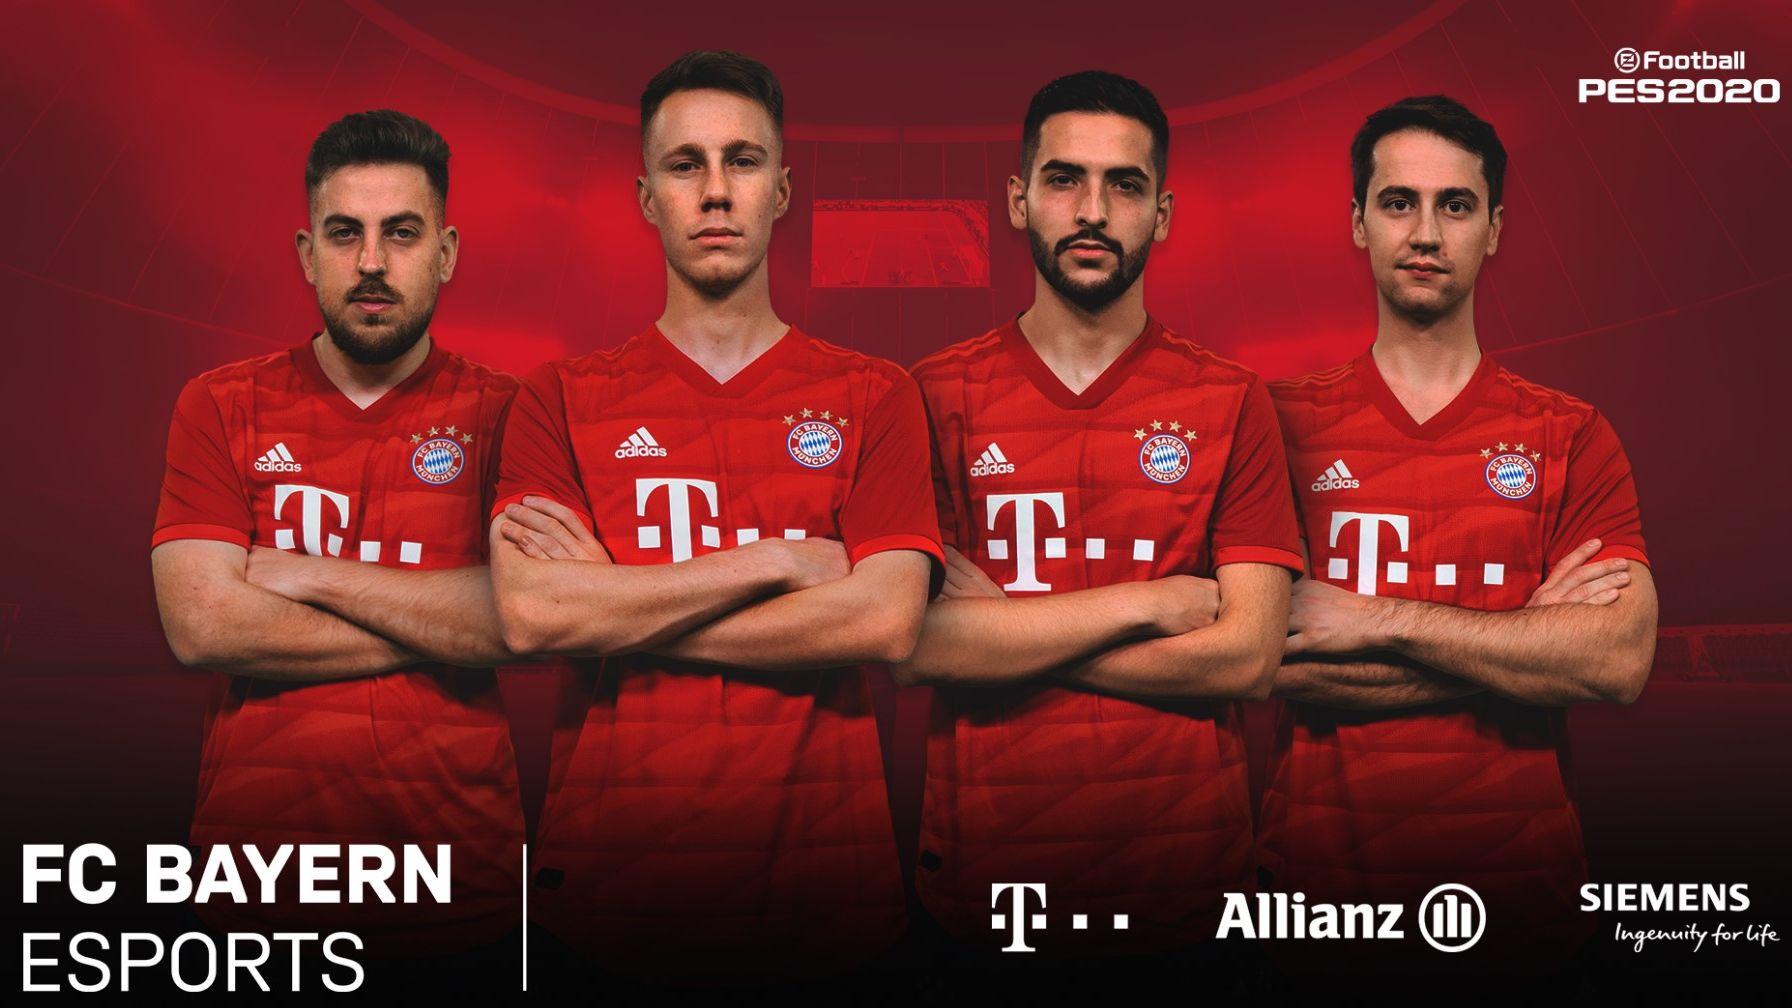 Konami-Partnerschaft: Bayern München verkündet Einstieg in E-Sports